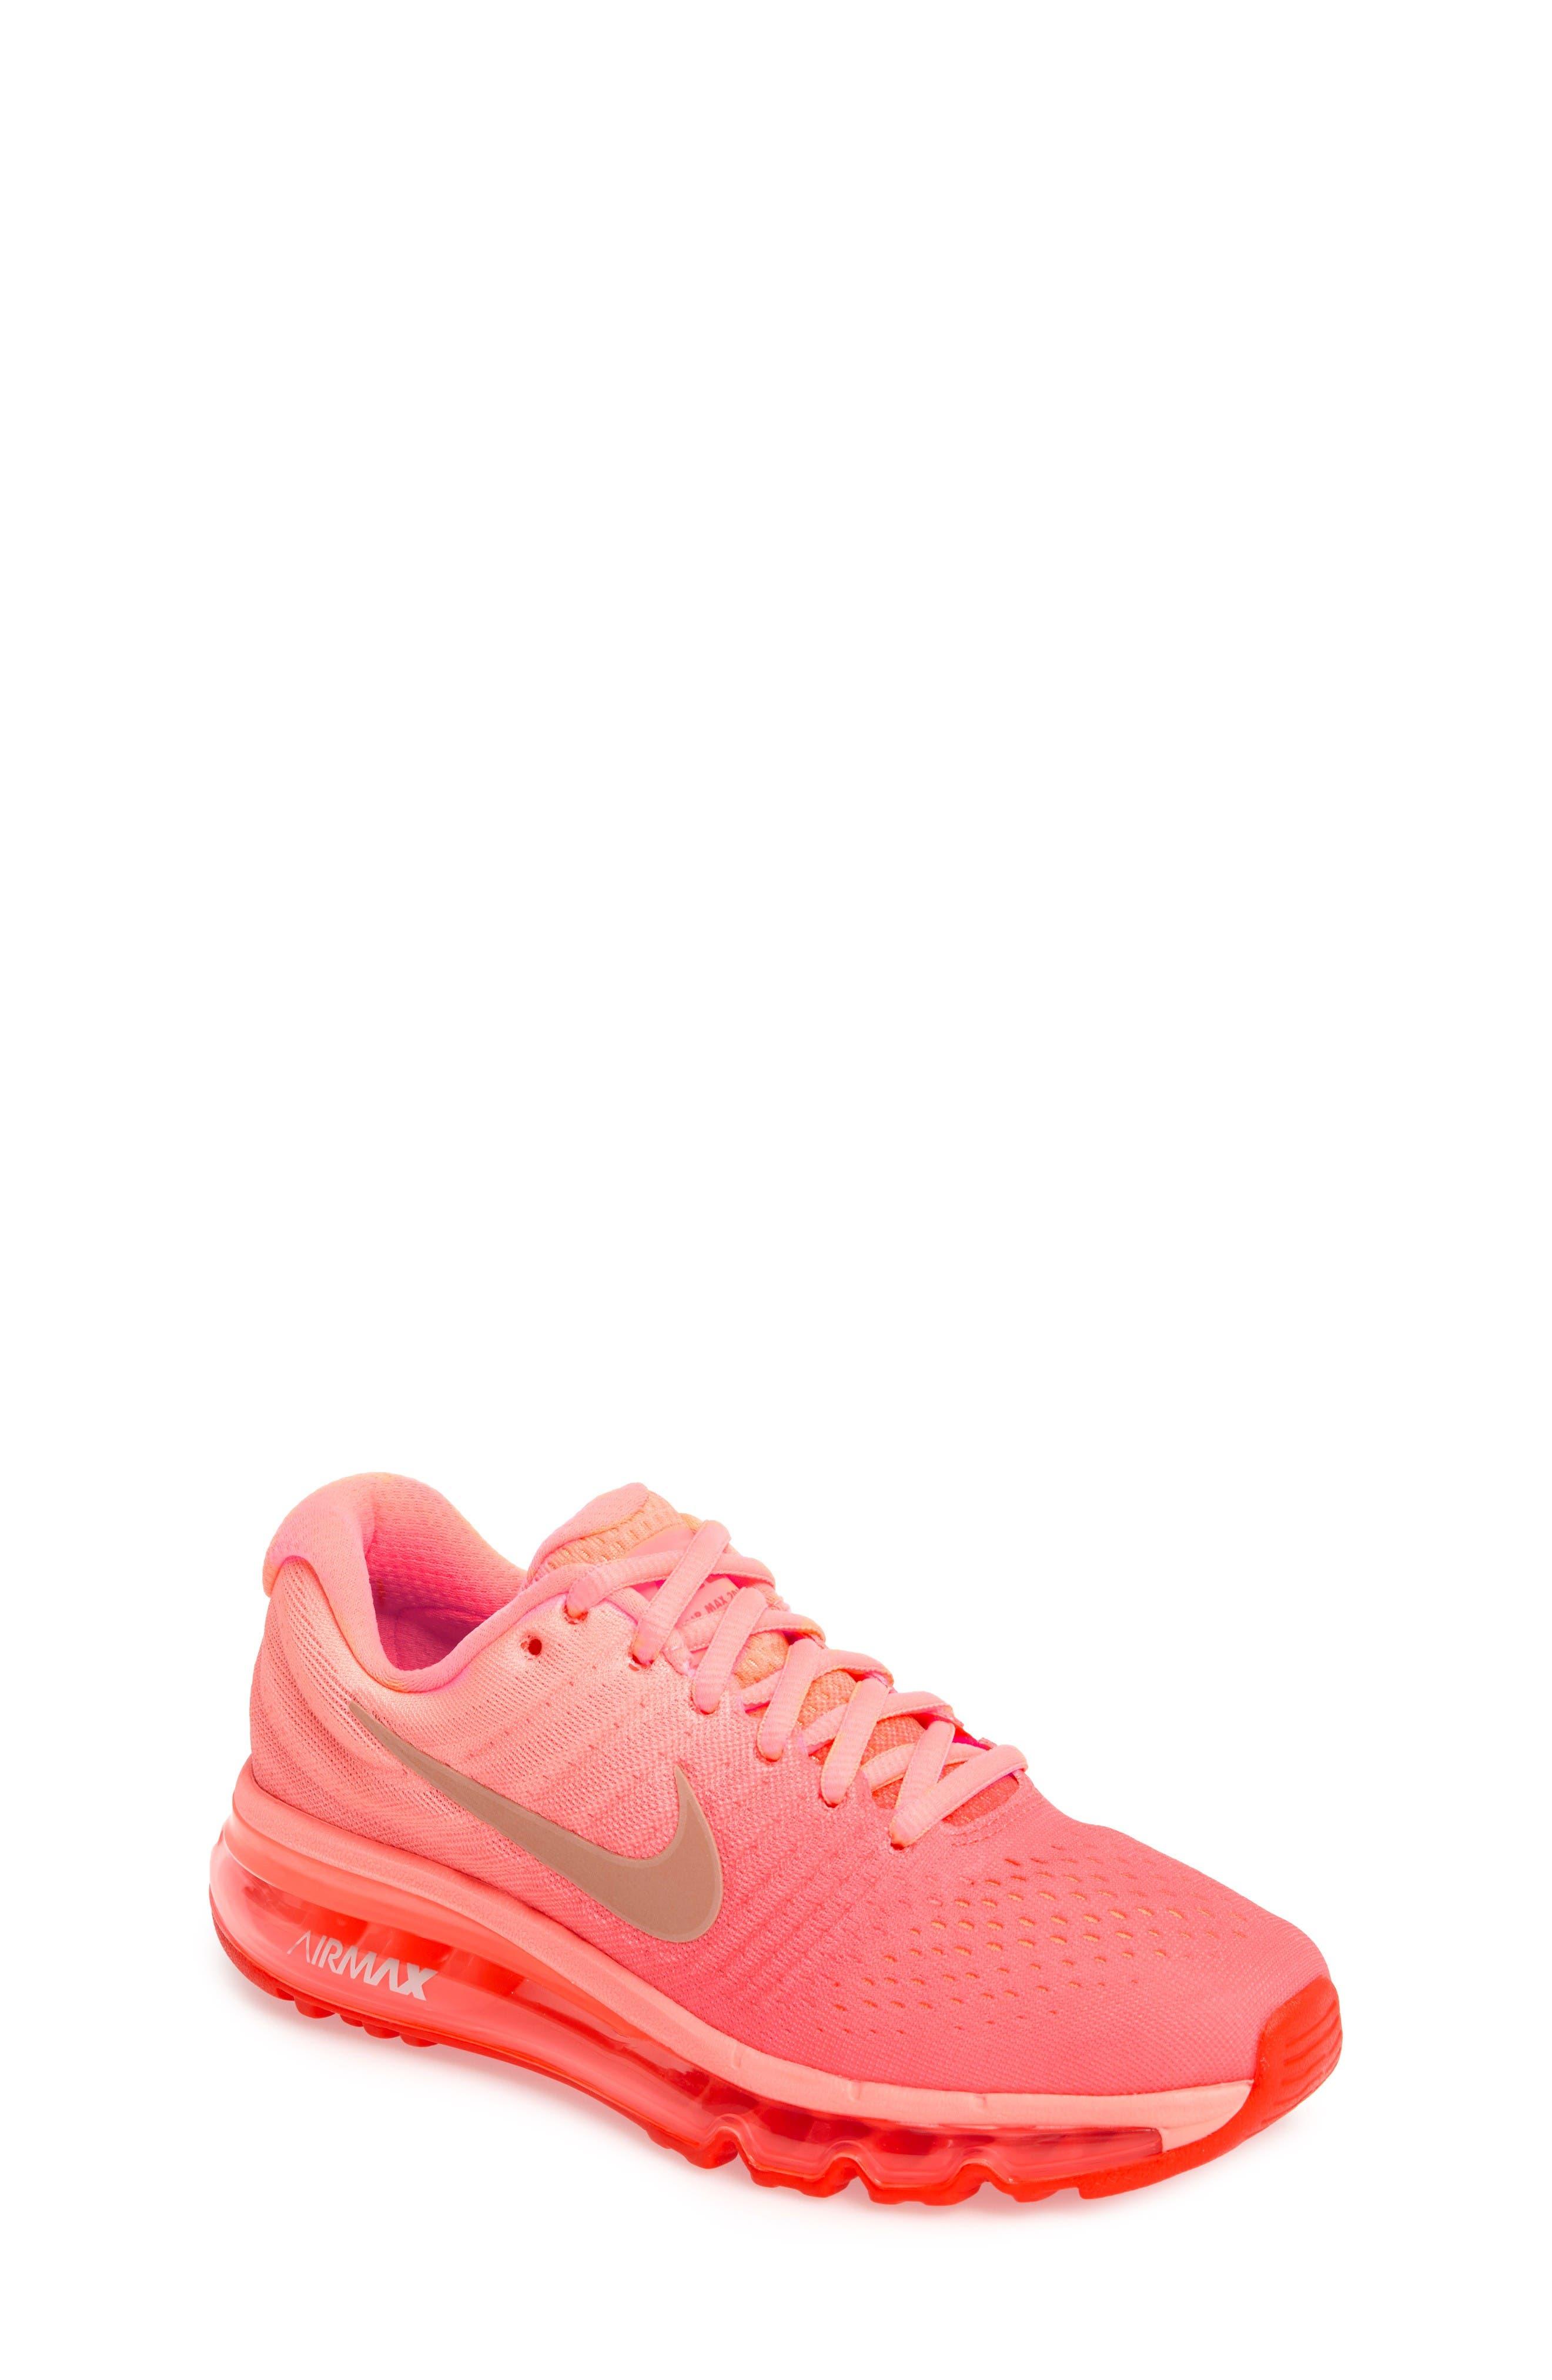 NIKE Air Max 2017 Sneaker